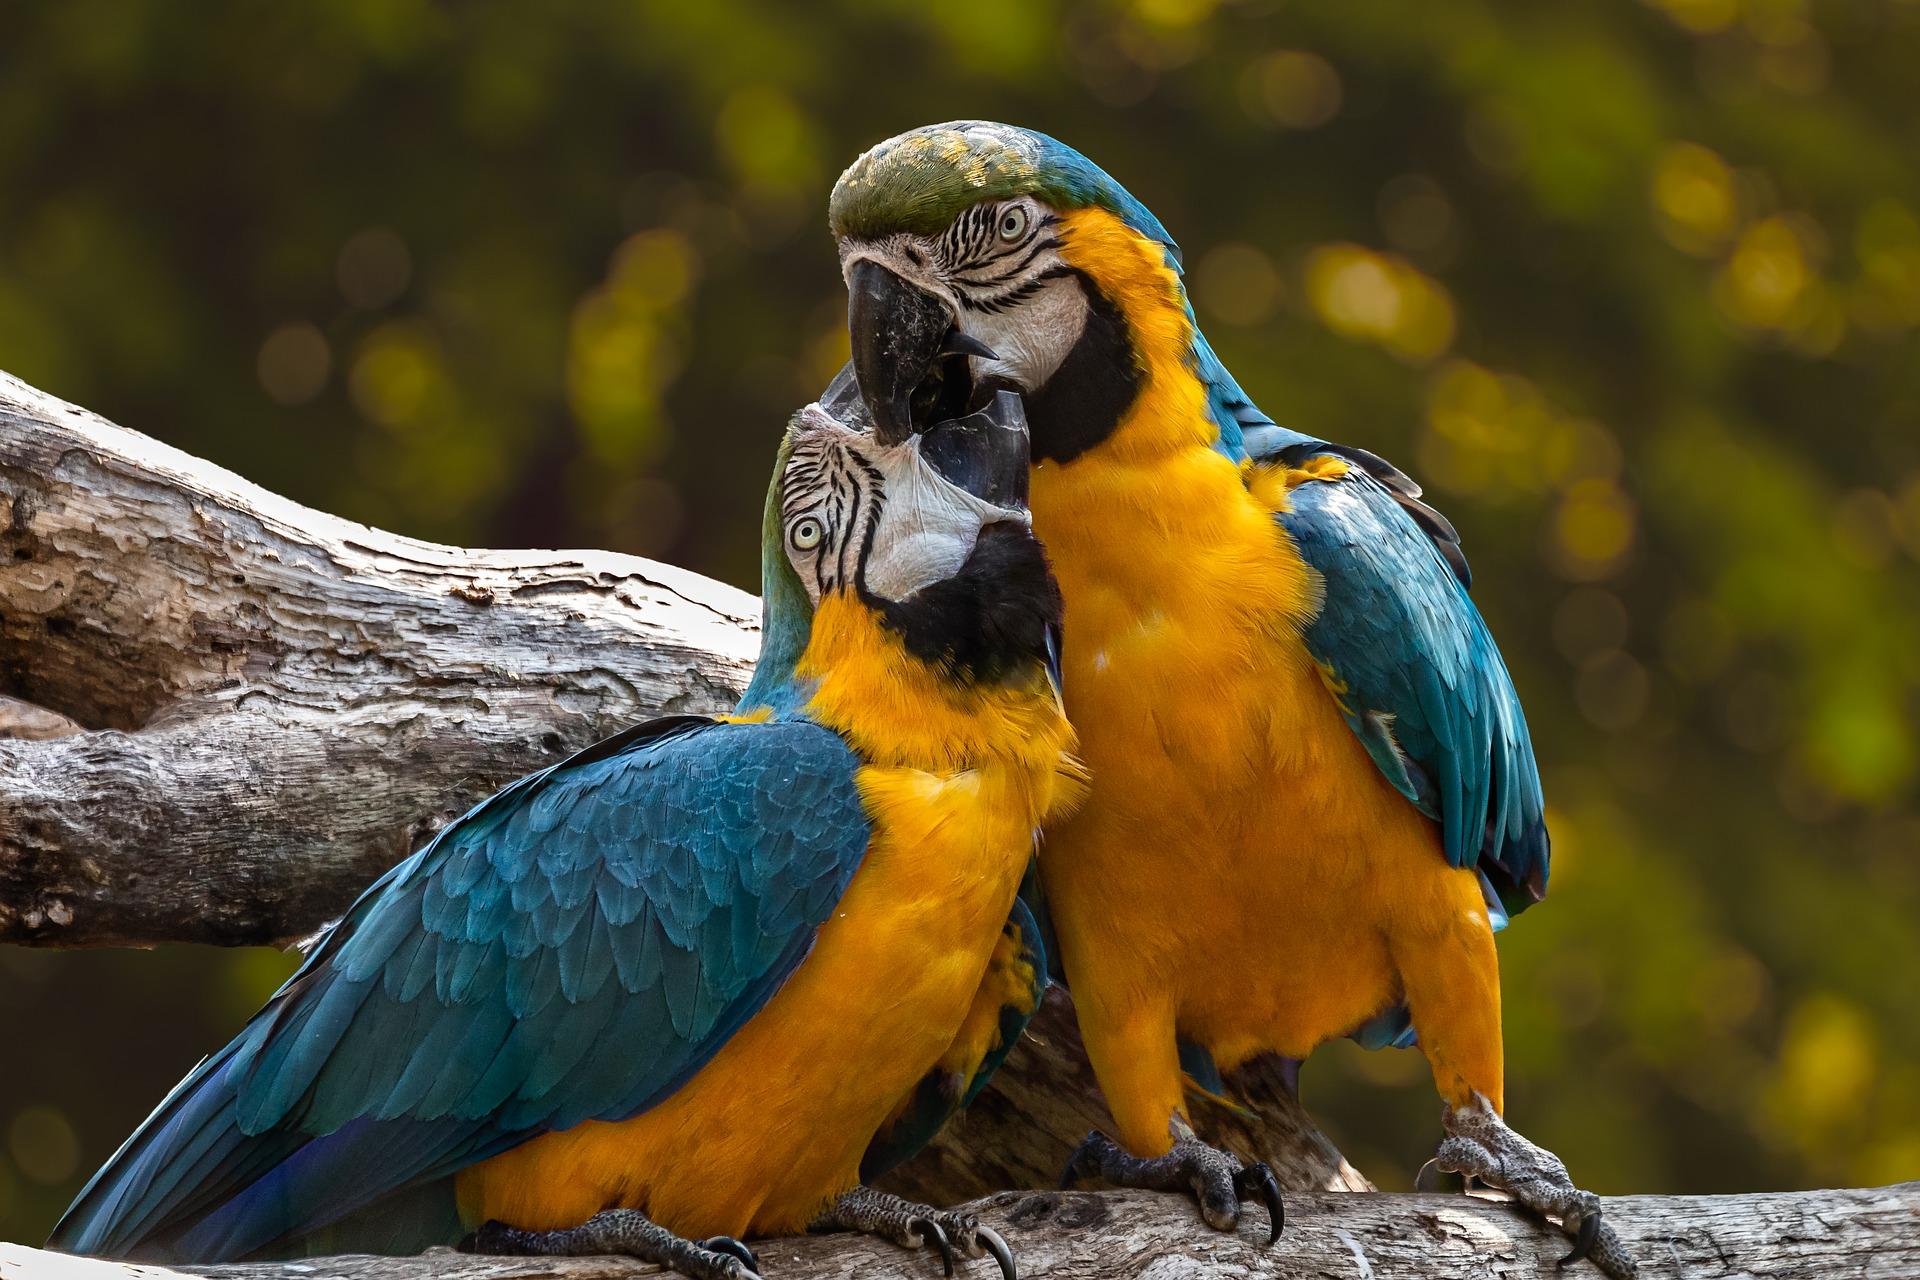 parrots-3427188_1920